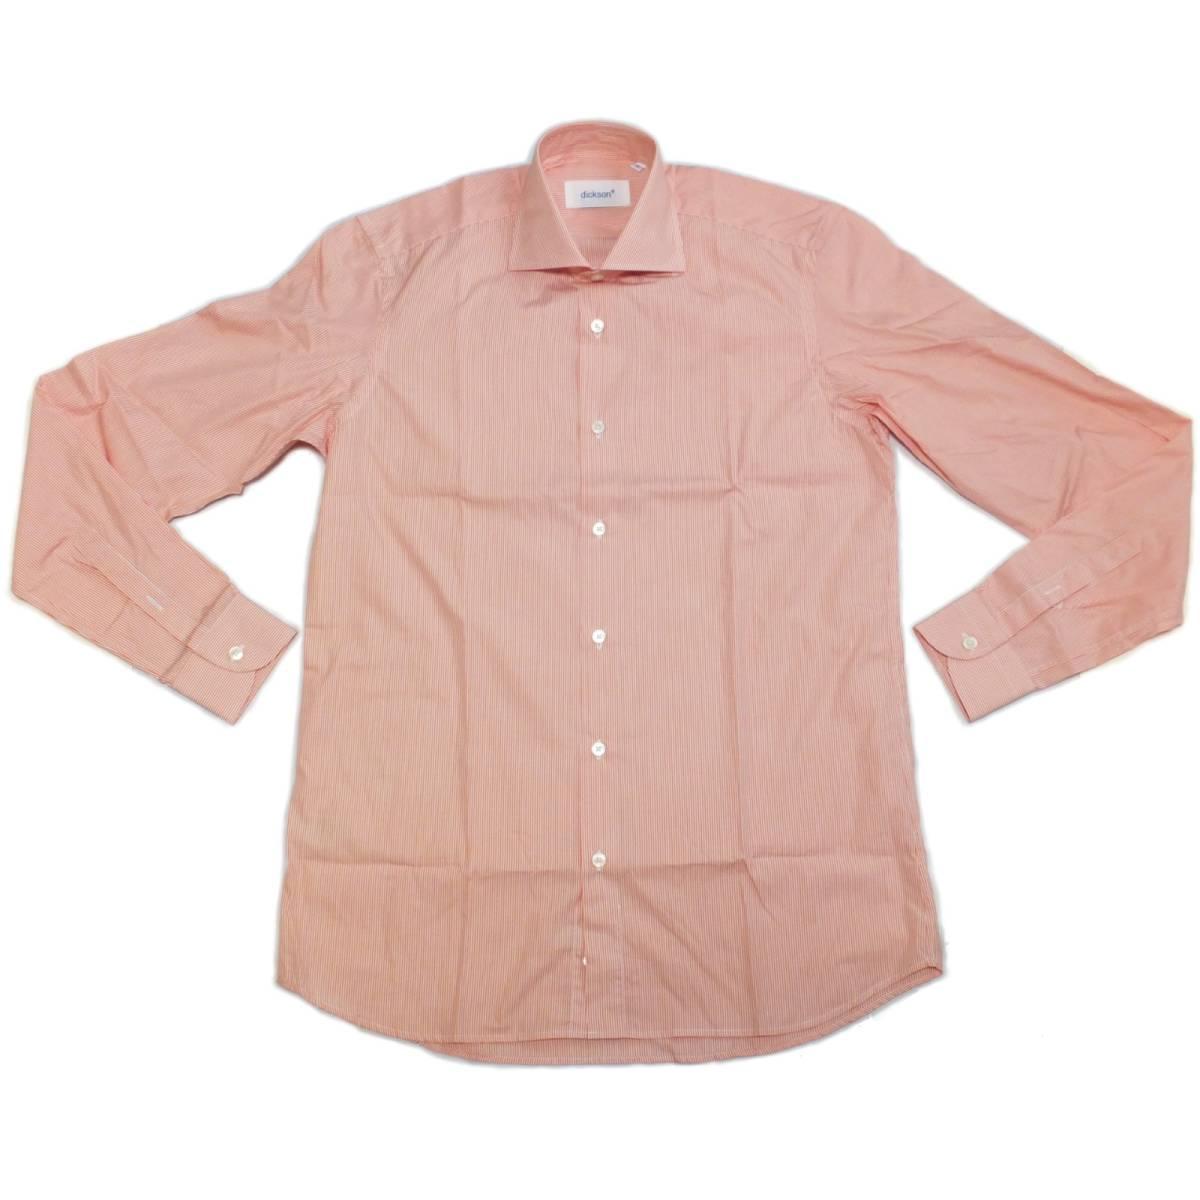 [dickson]サイズ38:ドレスシャツ メンズ 白xオレンジのヘアラインストライプ 長袖 コットン ワイシャツ Canclini_画像3